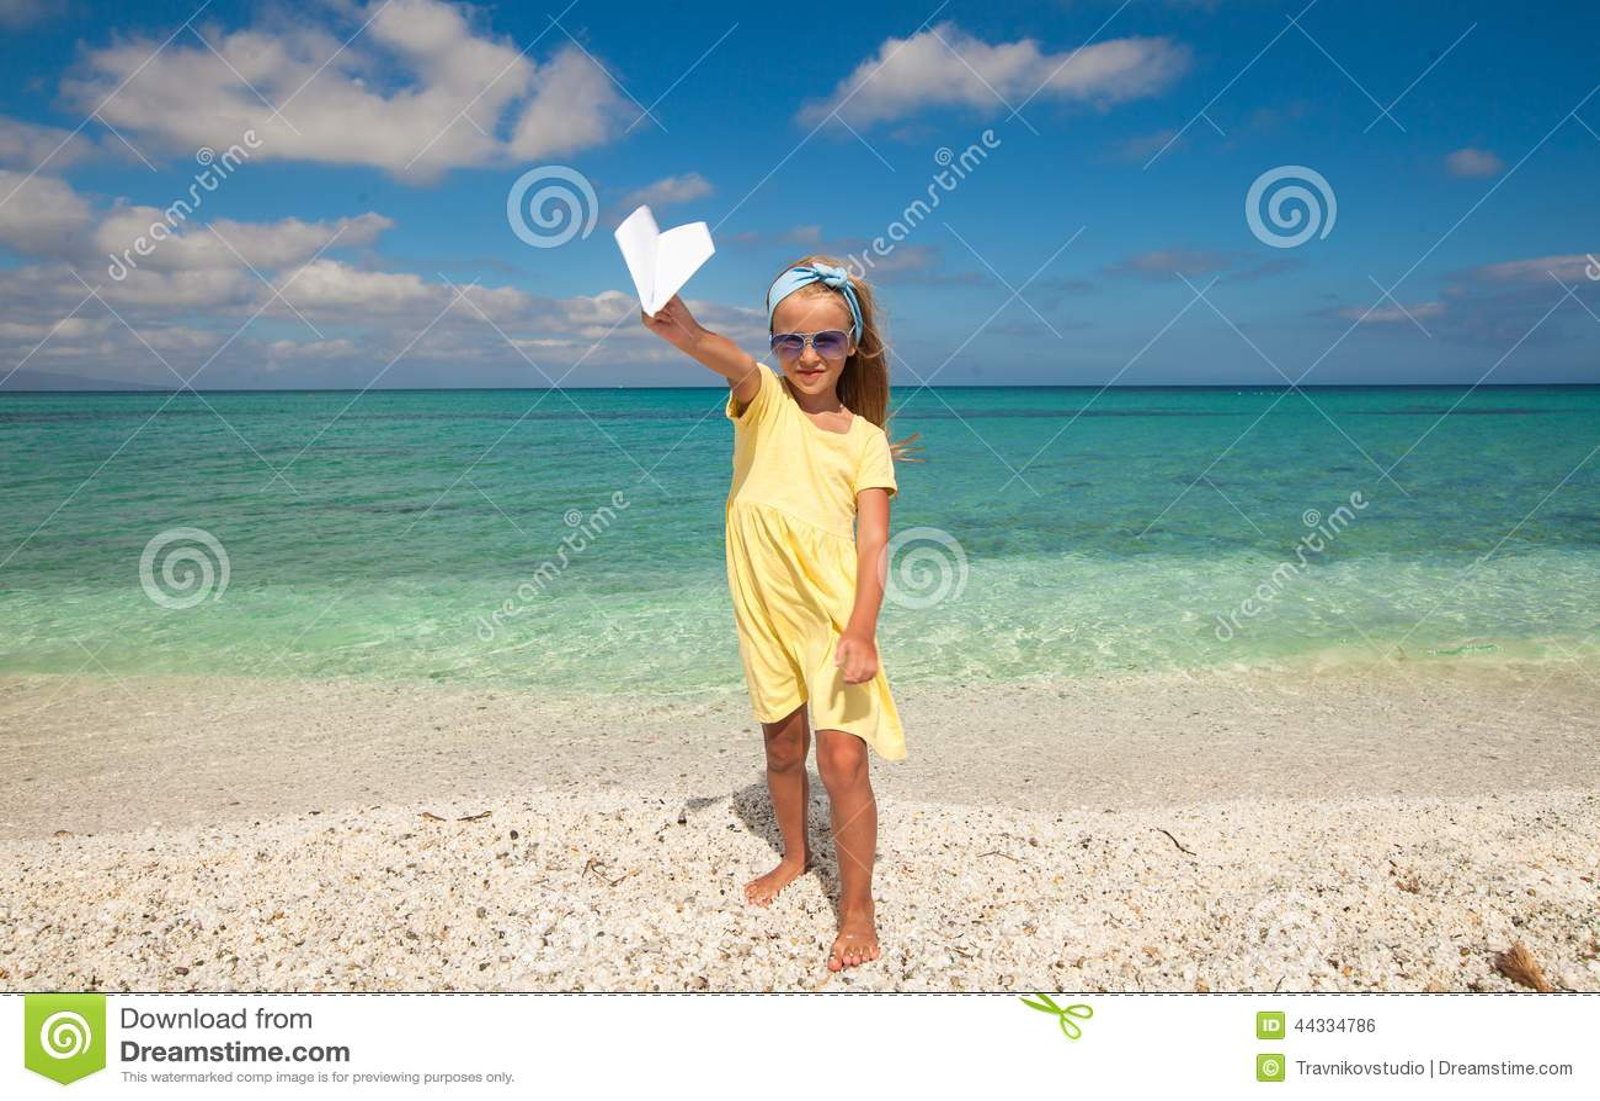 有纸飞机的可爱的小女孩在手上